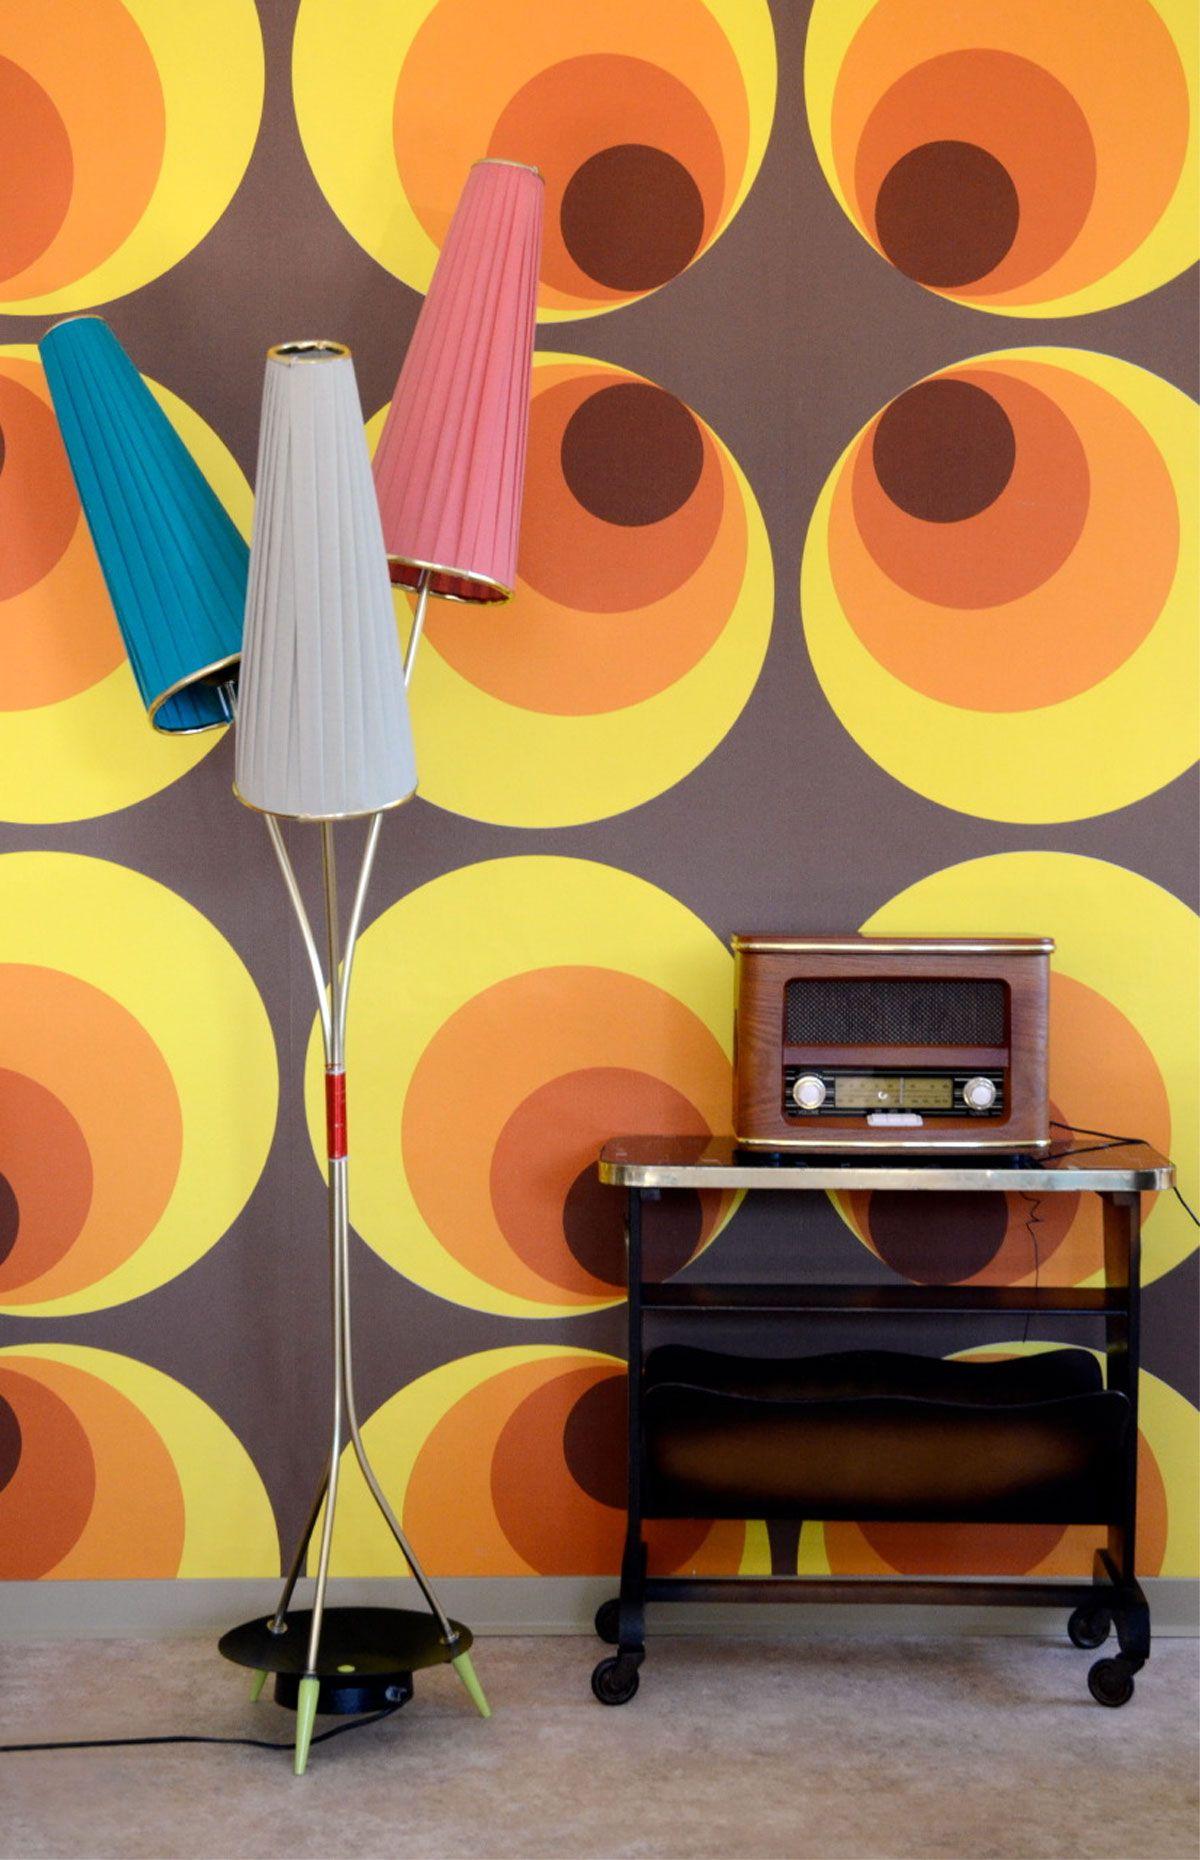 Beau 60s Furniture